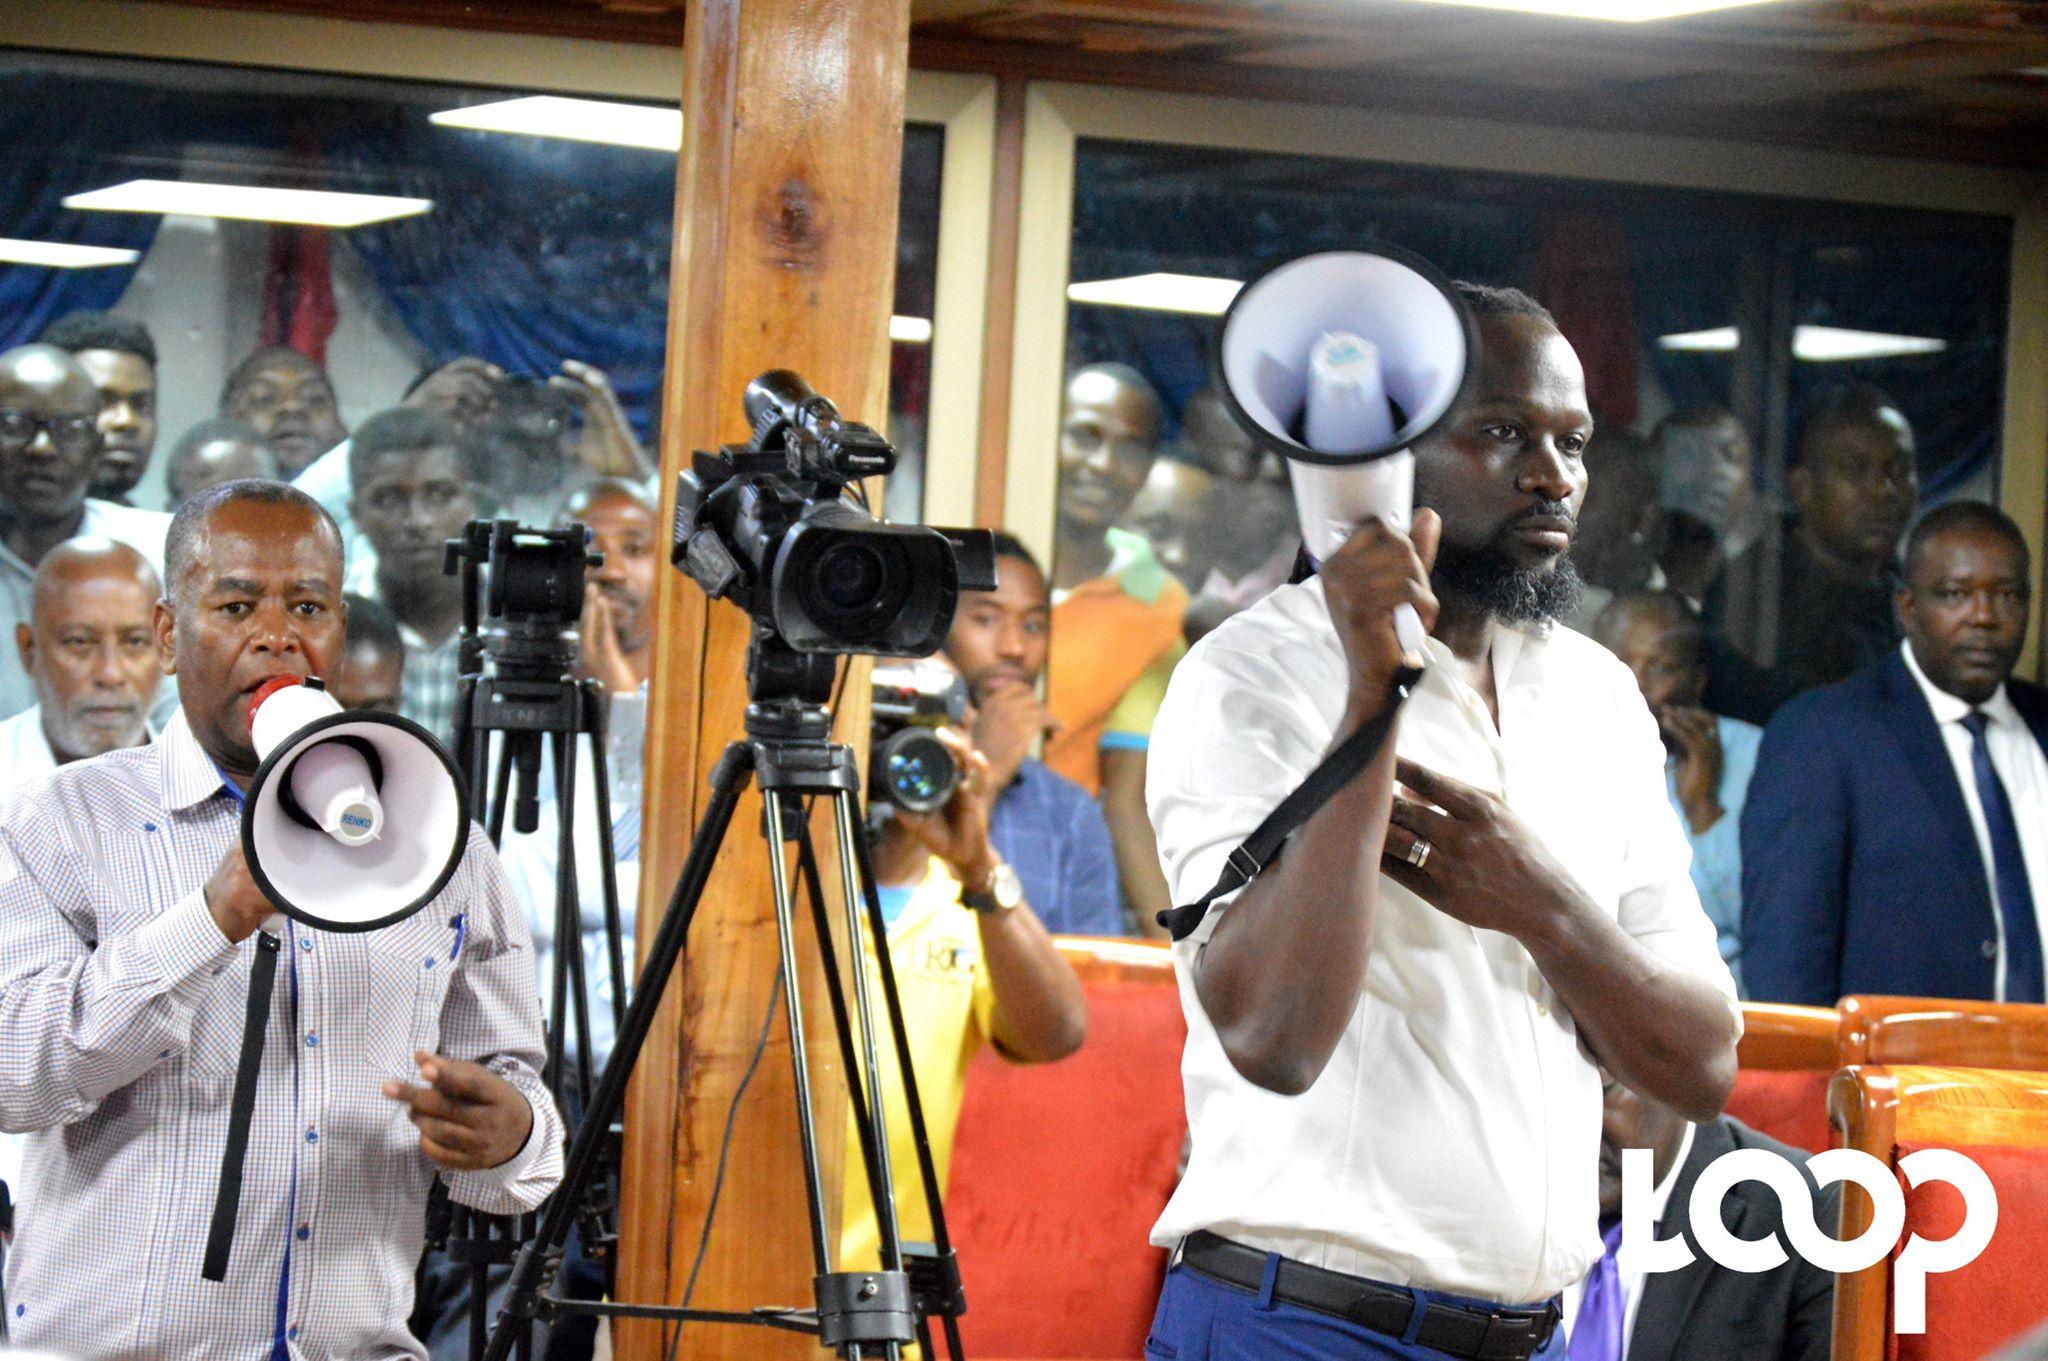 Un policier menace de tirer Antonio Chéramy:des sénateurs réclament une enquête